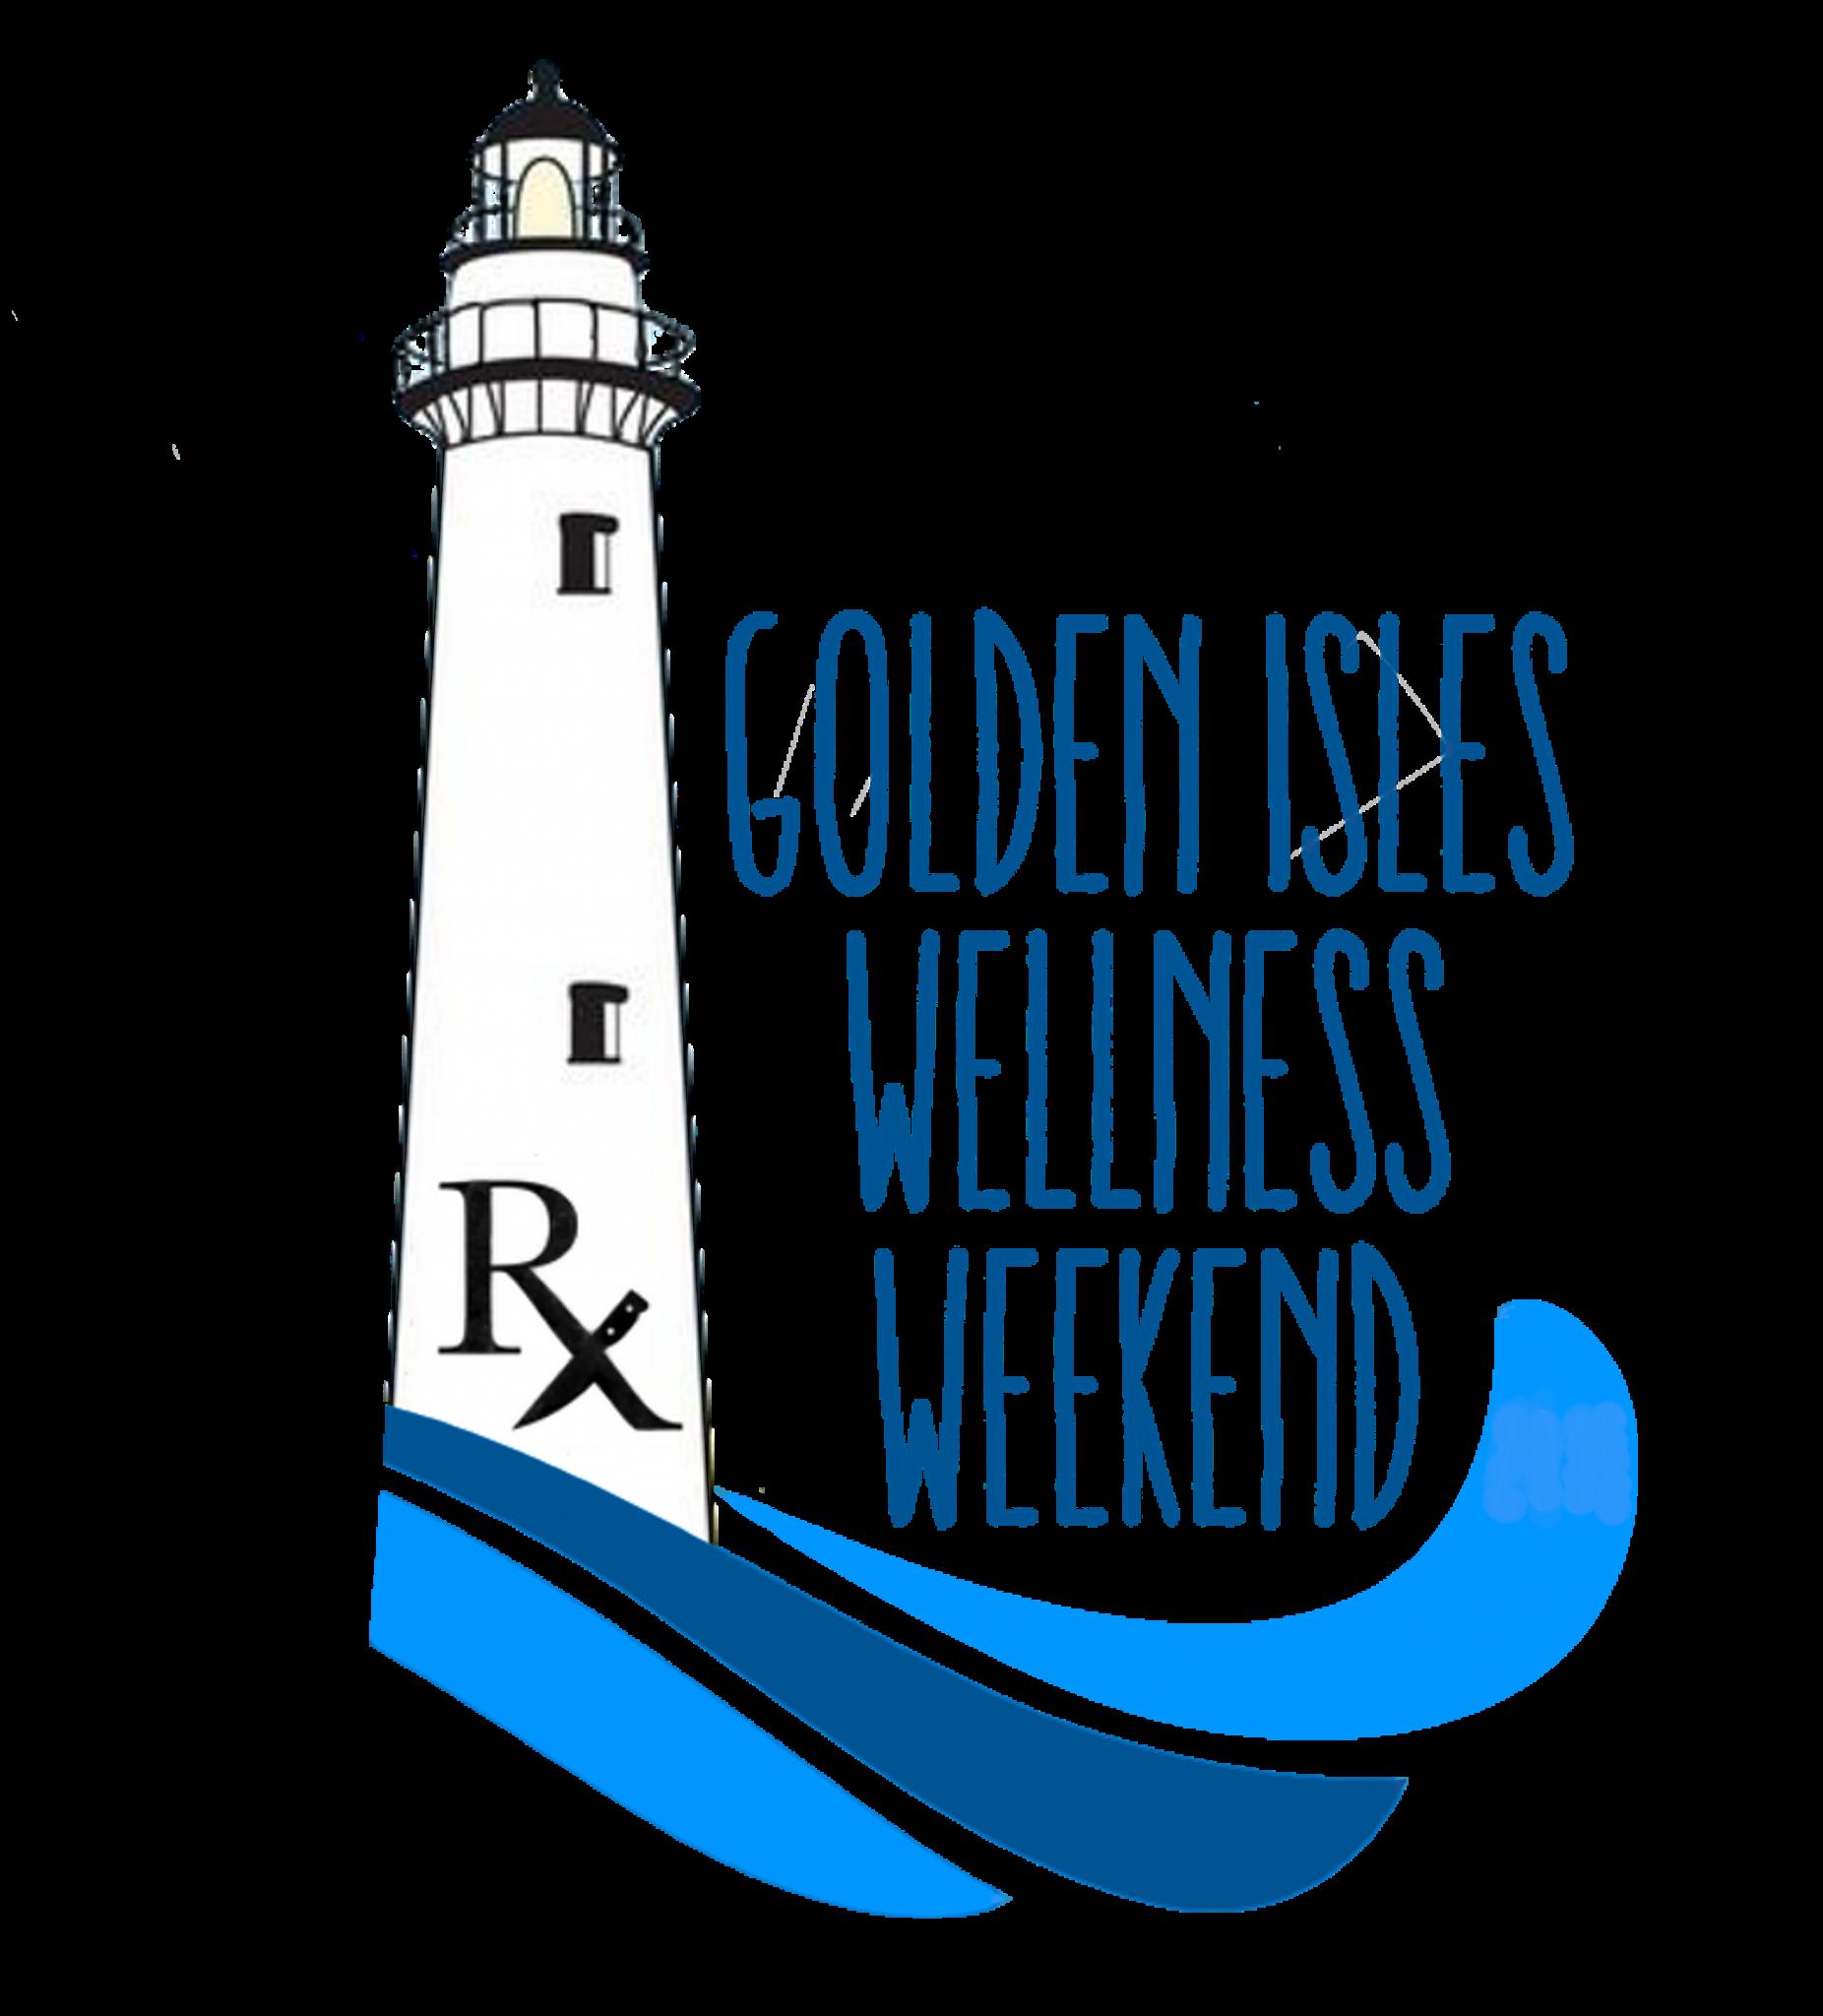 wellness-weekend-logo